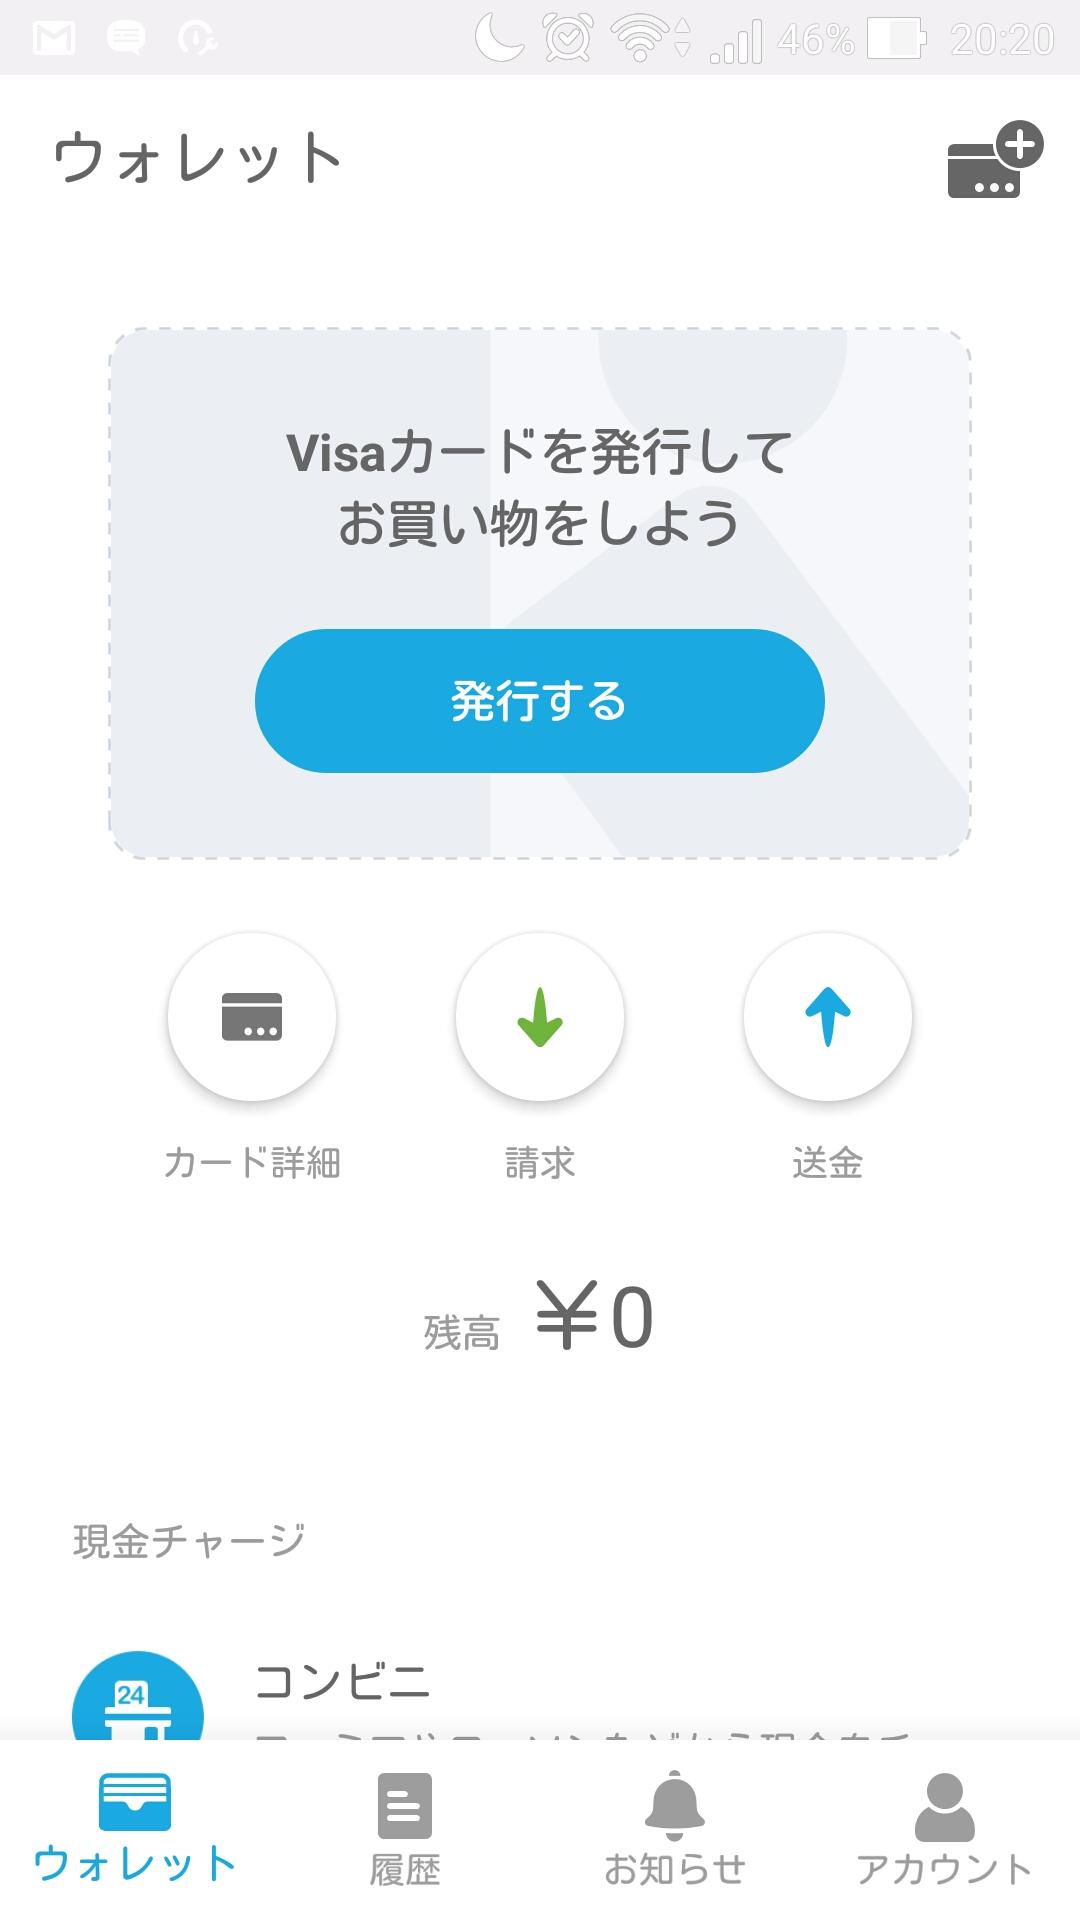 kyash180921-3